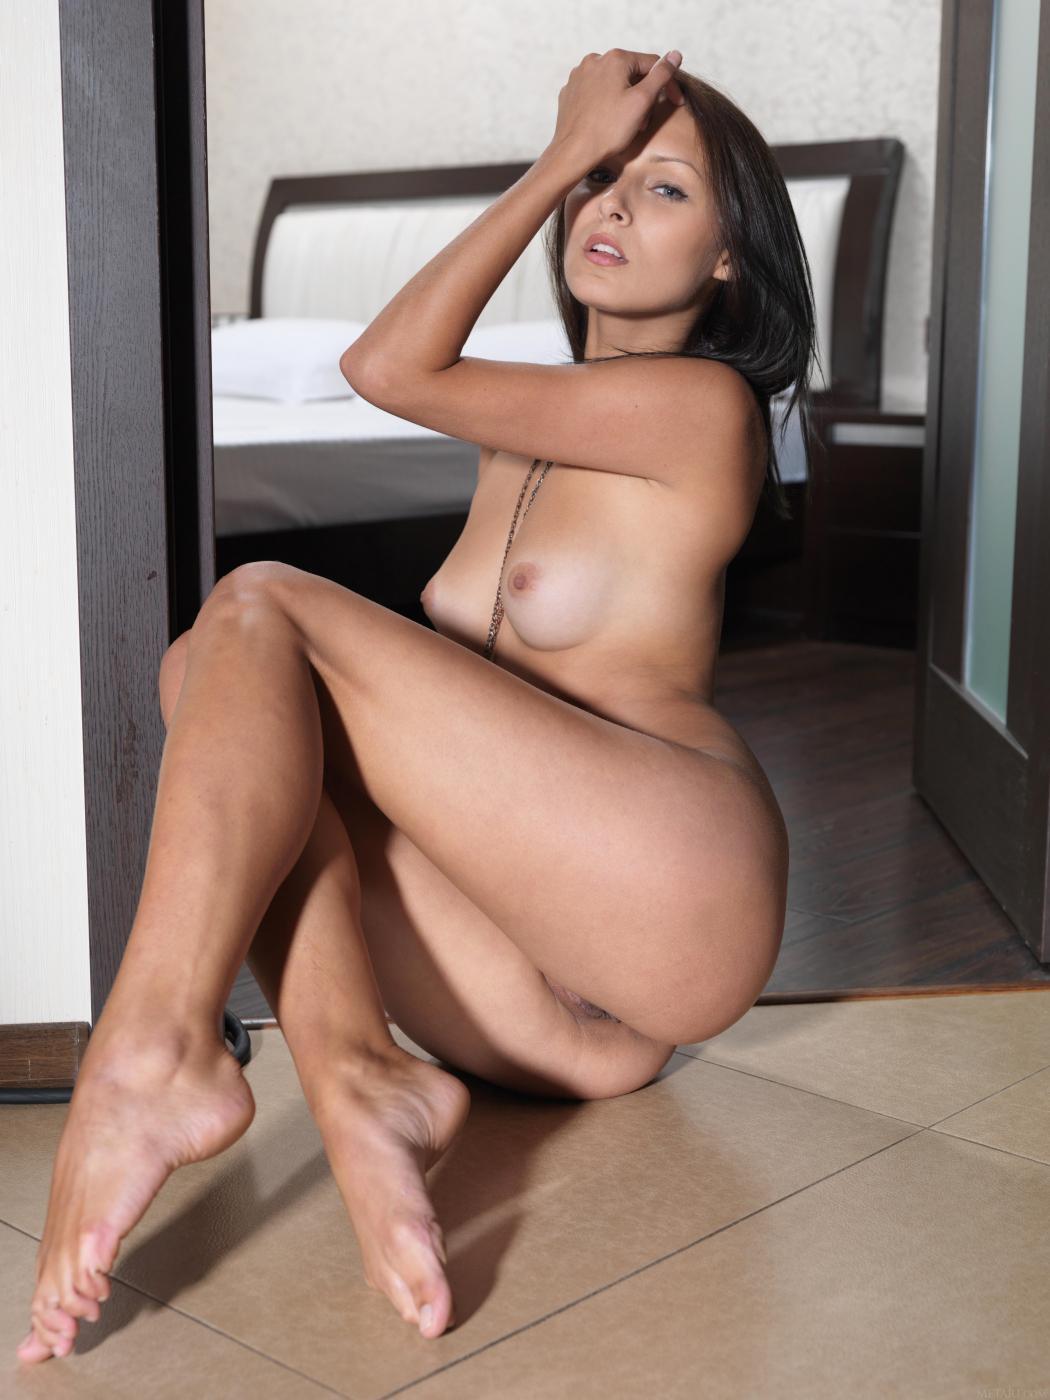 Сексуальная брюнетка-подросток Yarina A возбуждает горячей грудью и узкой бритой киской